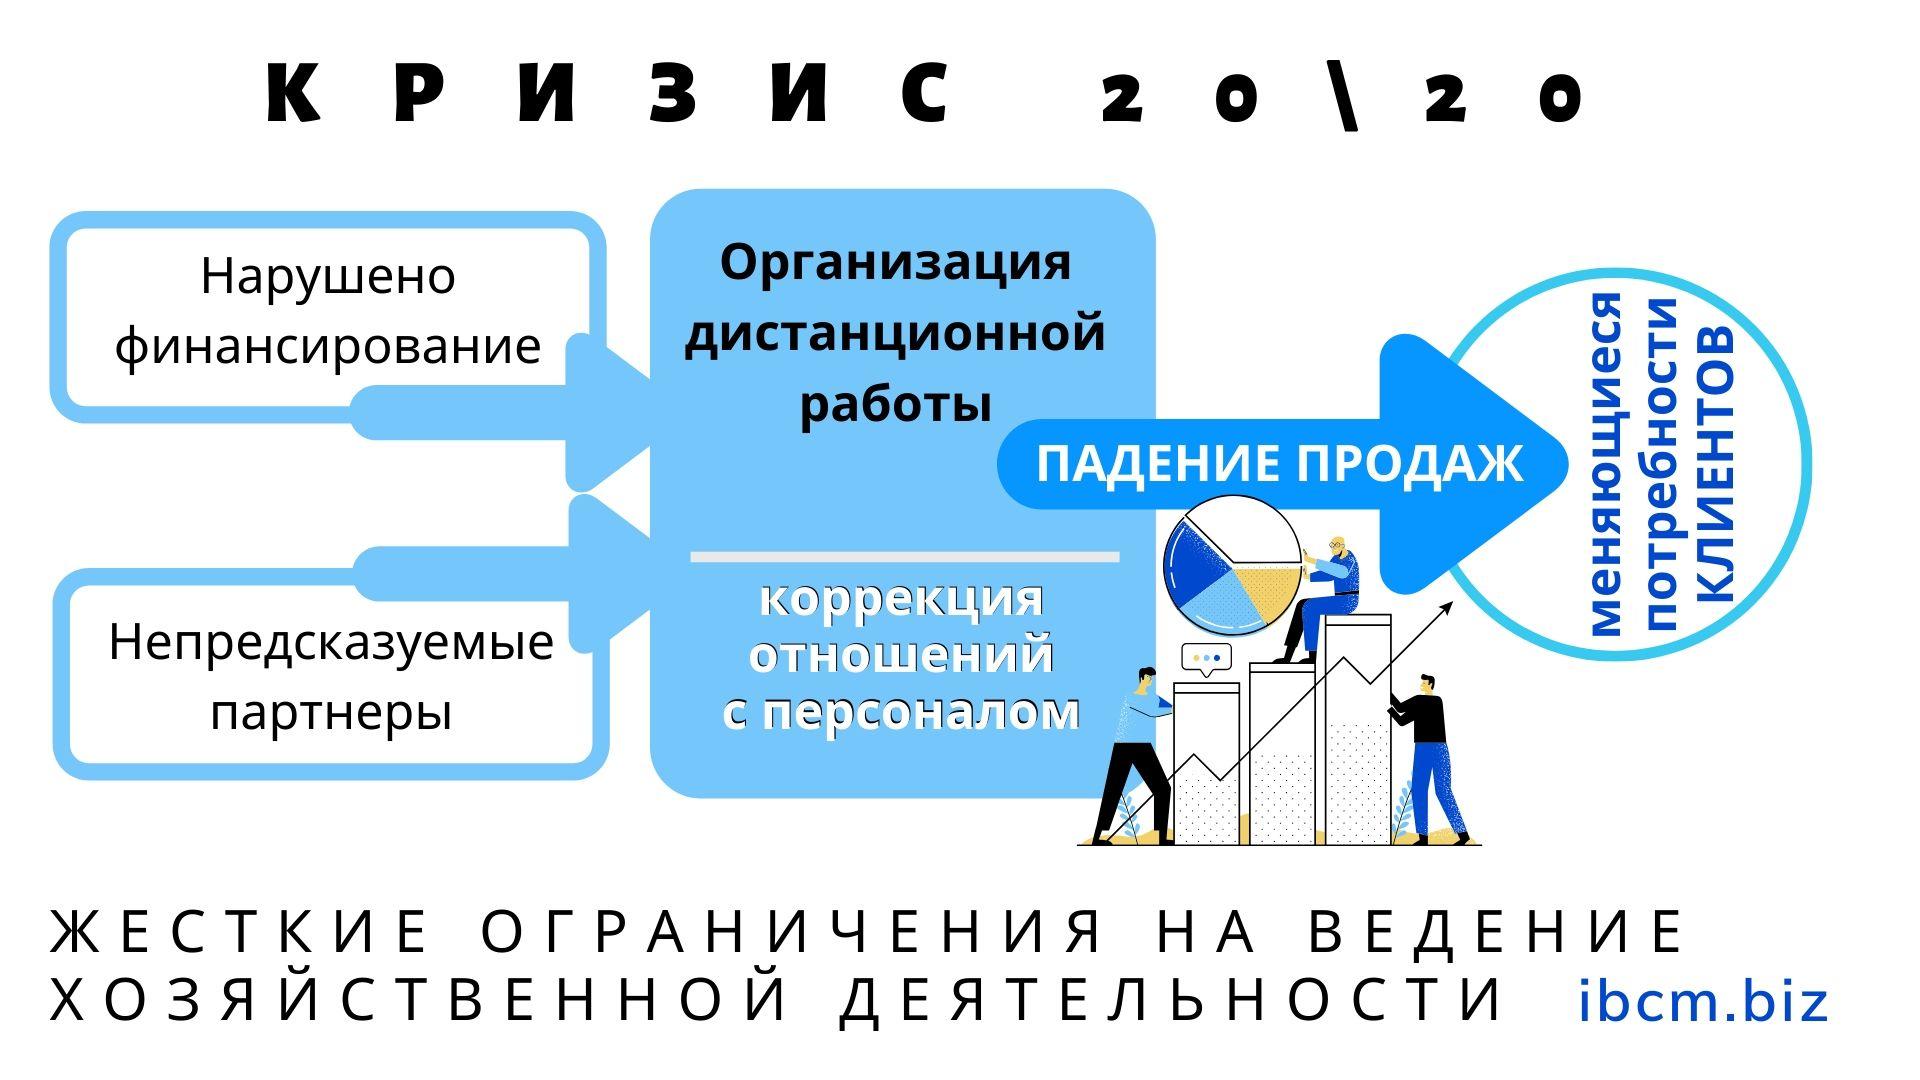 КРИЗИС в бизнесе 2020